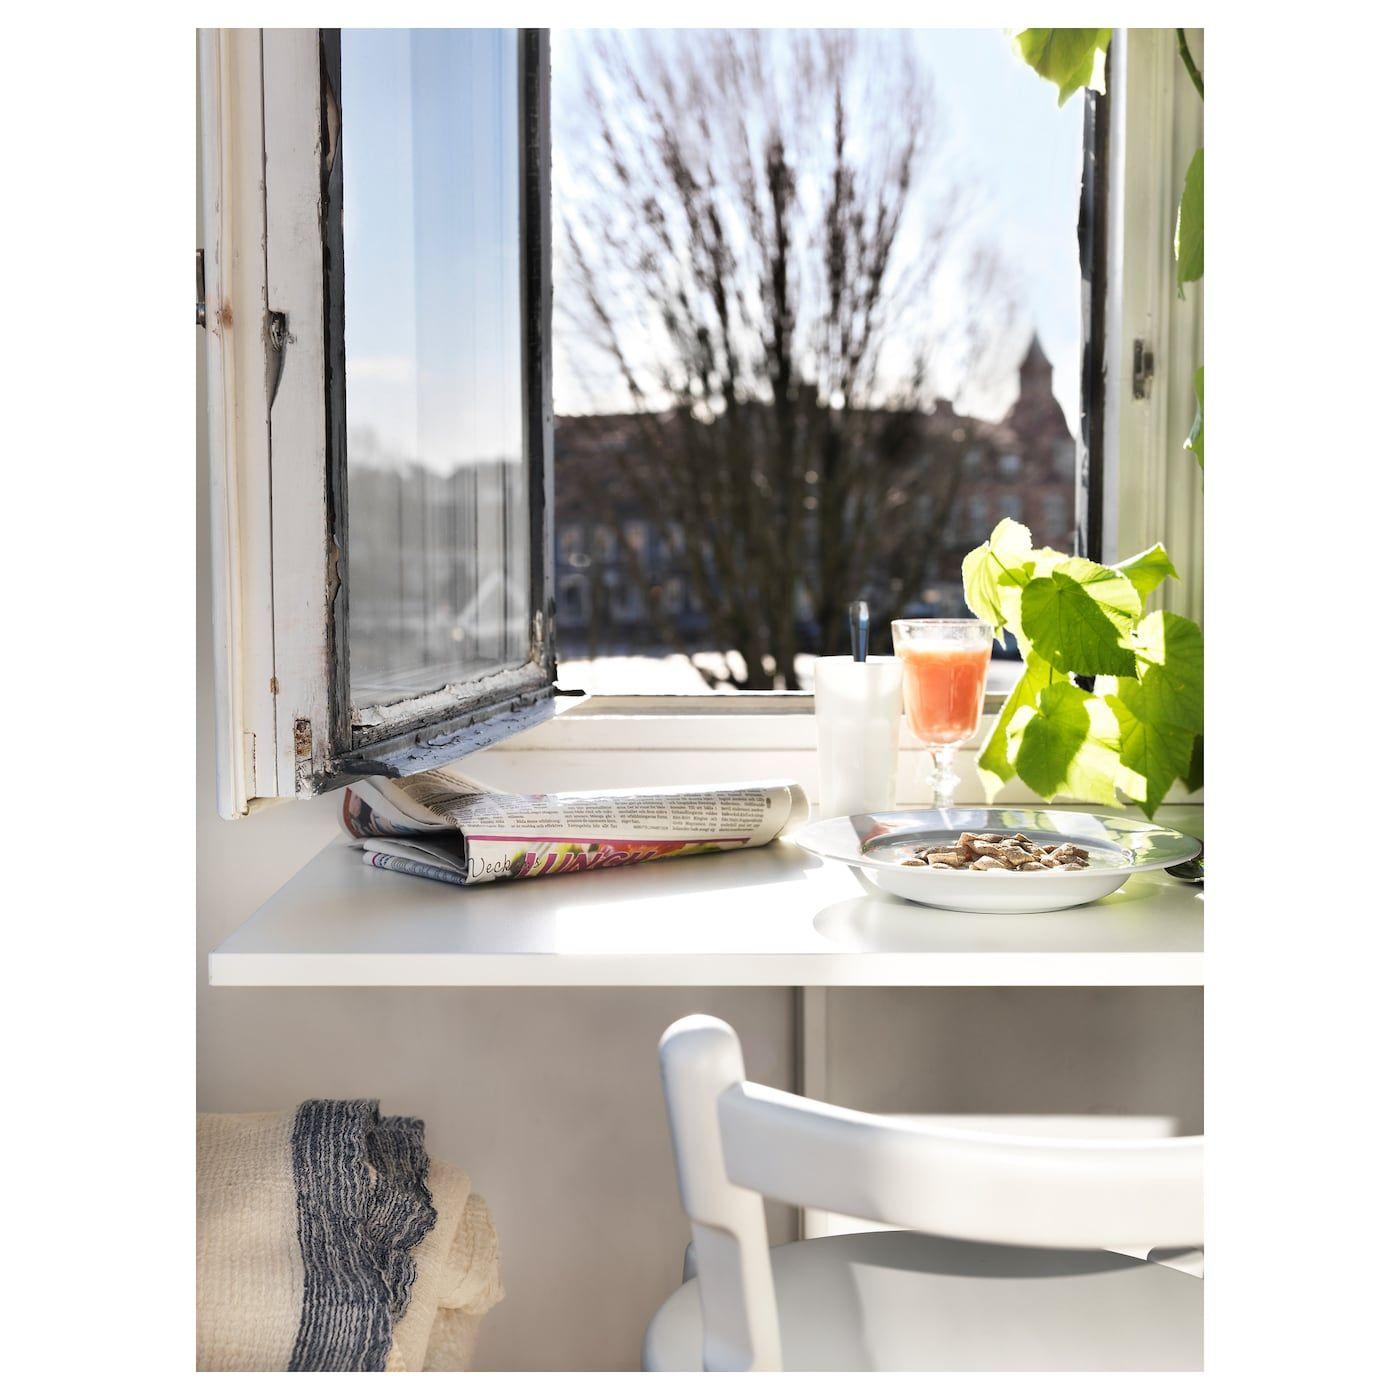 Tavolo Ribaltabile A Parete norberg tavolo ribaltabile da parete - bianco 74x60 cm